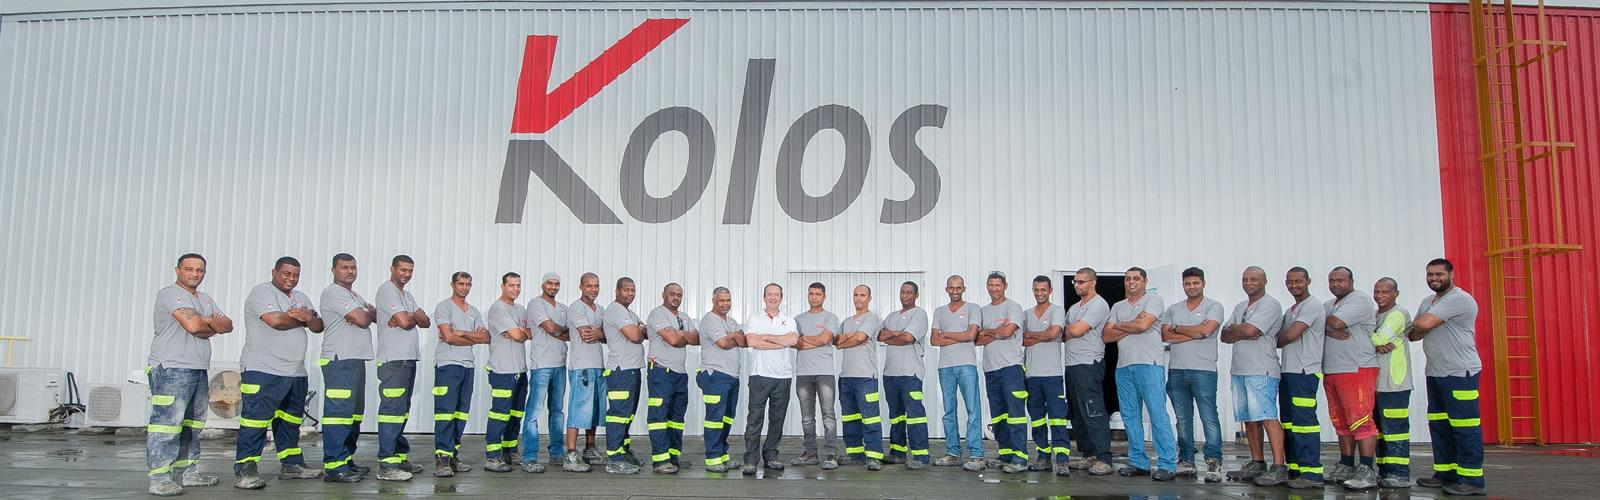 Kolos Contact